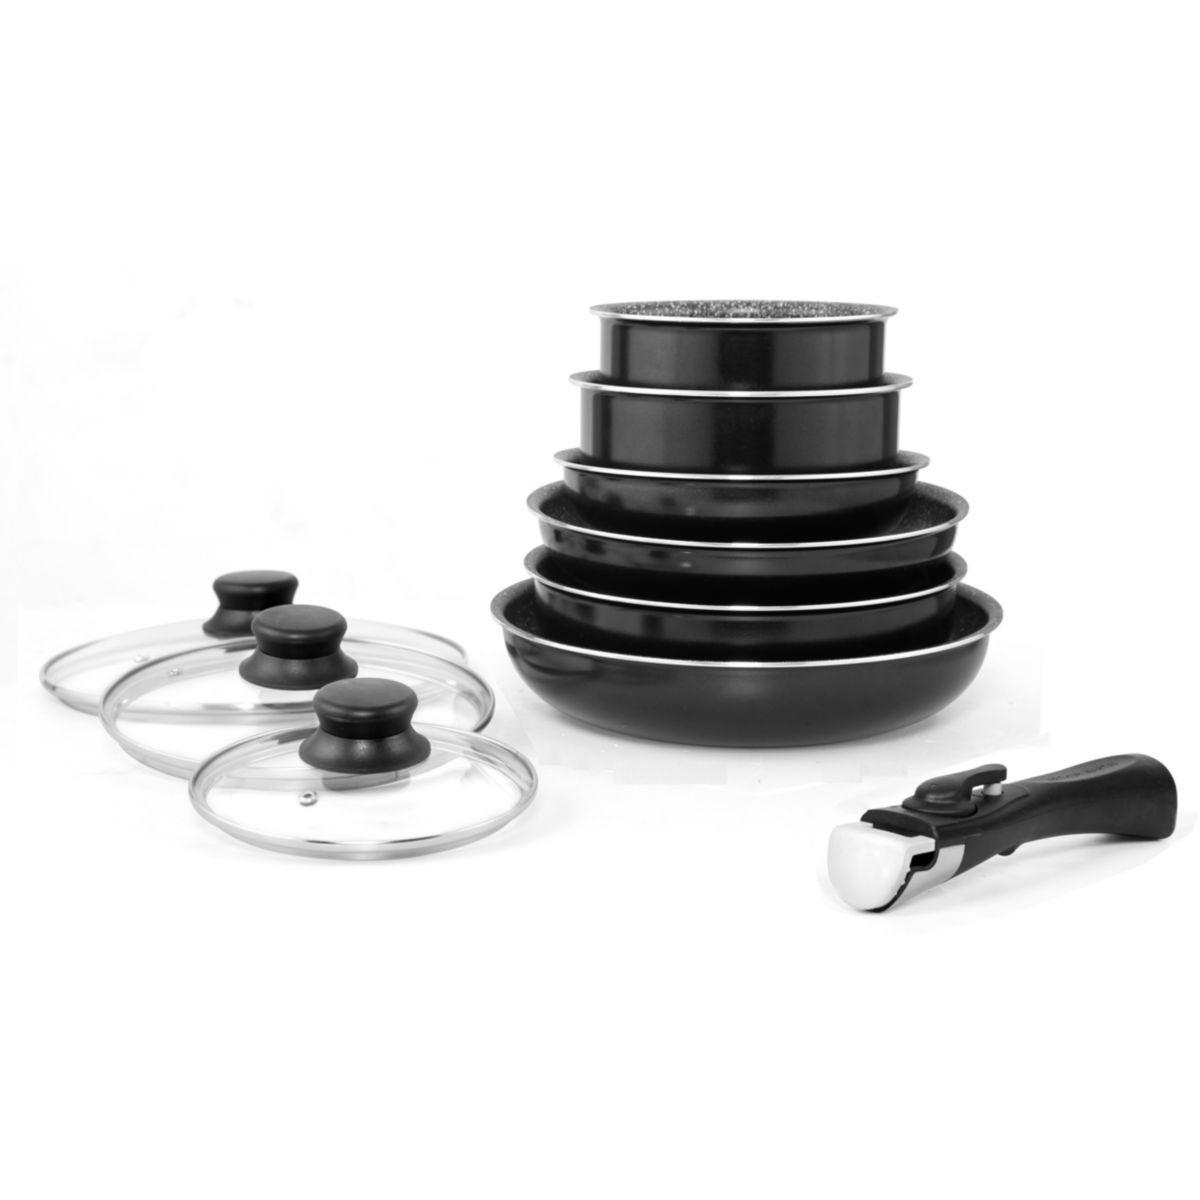 Batterie de cuisine arthur martin 10 pi�ces noir am310b - 15% de remise imm�diate avec le code : fete15 (photo)